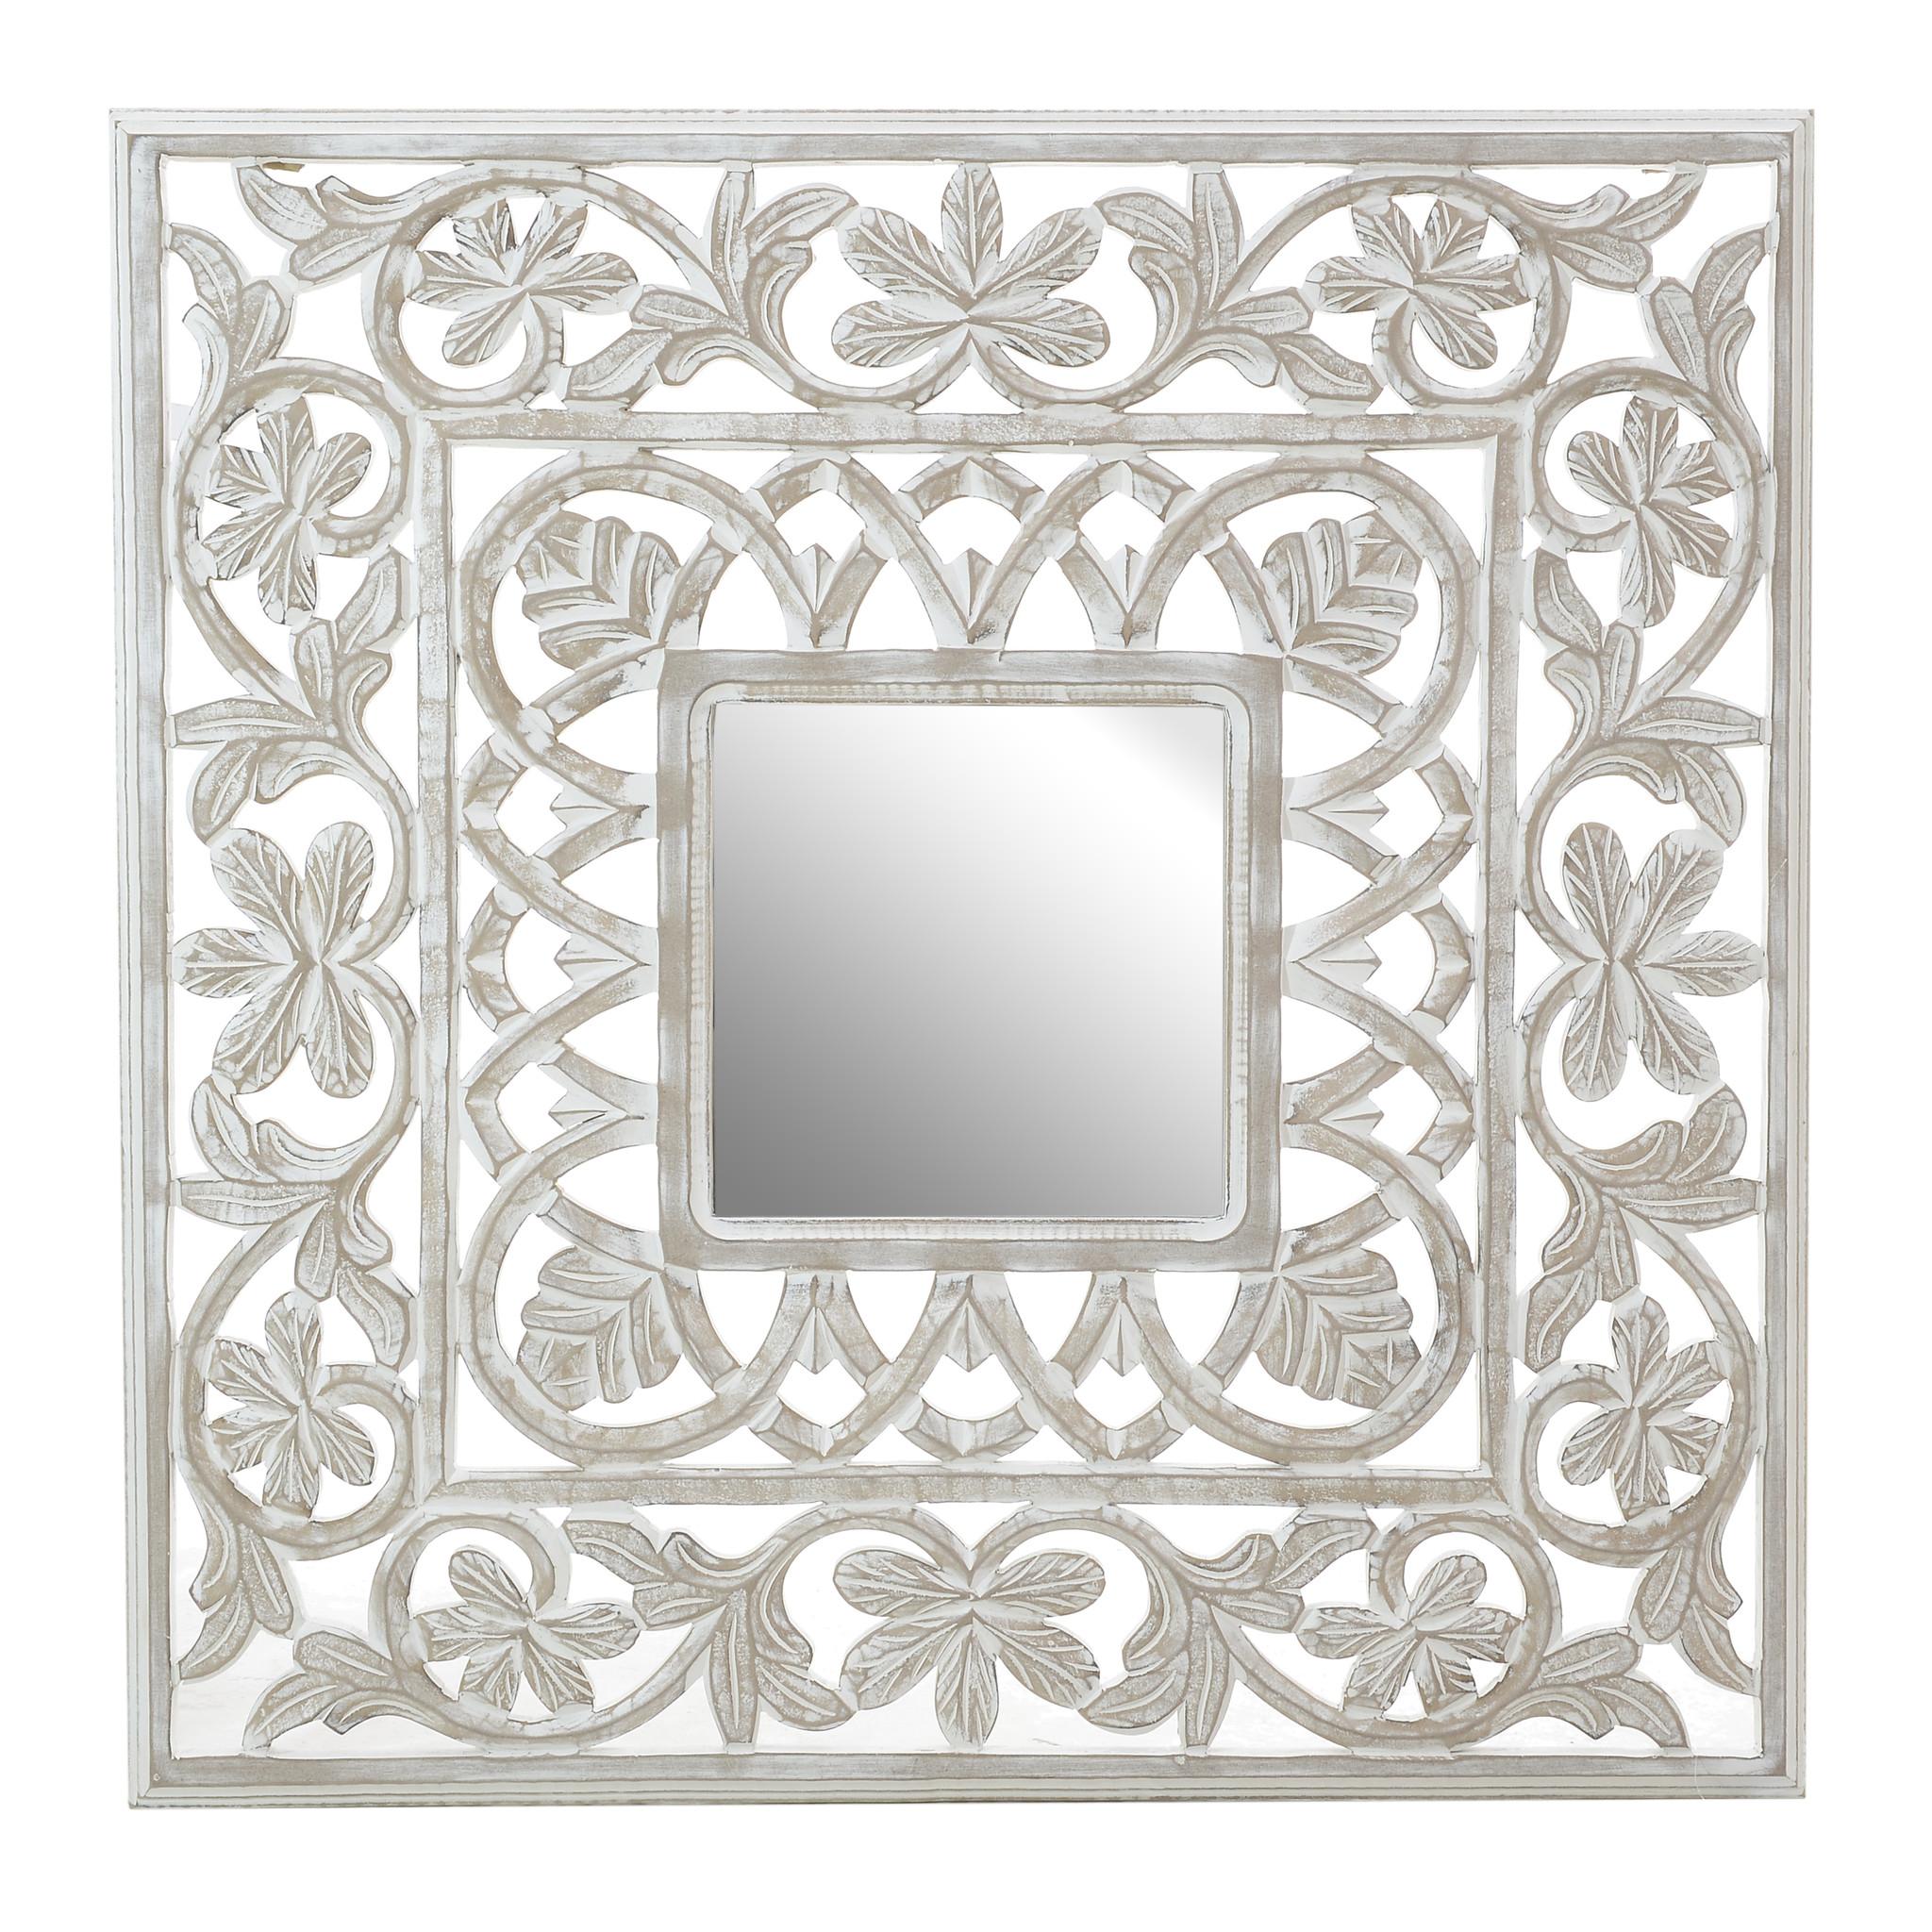 Купить Настенное зеркало в раме с цветочными элементами, inmyroom, Греция